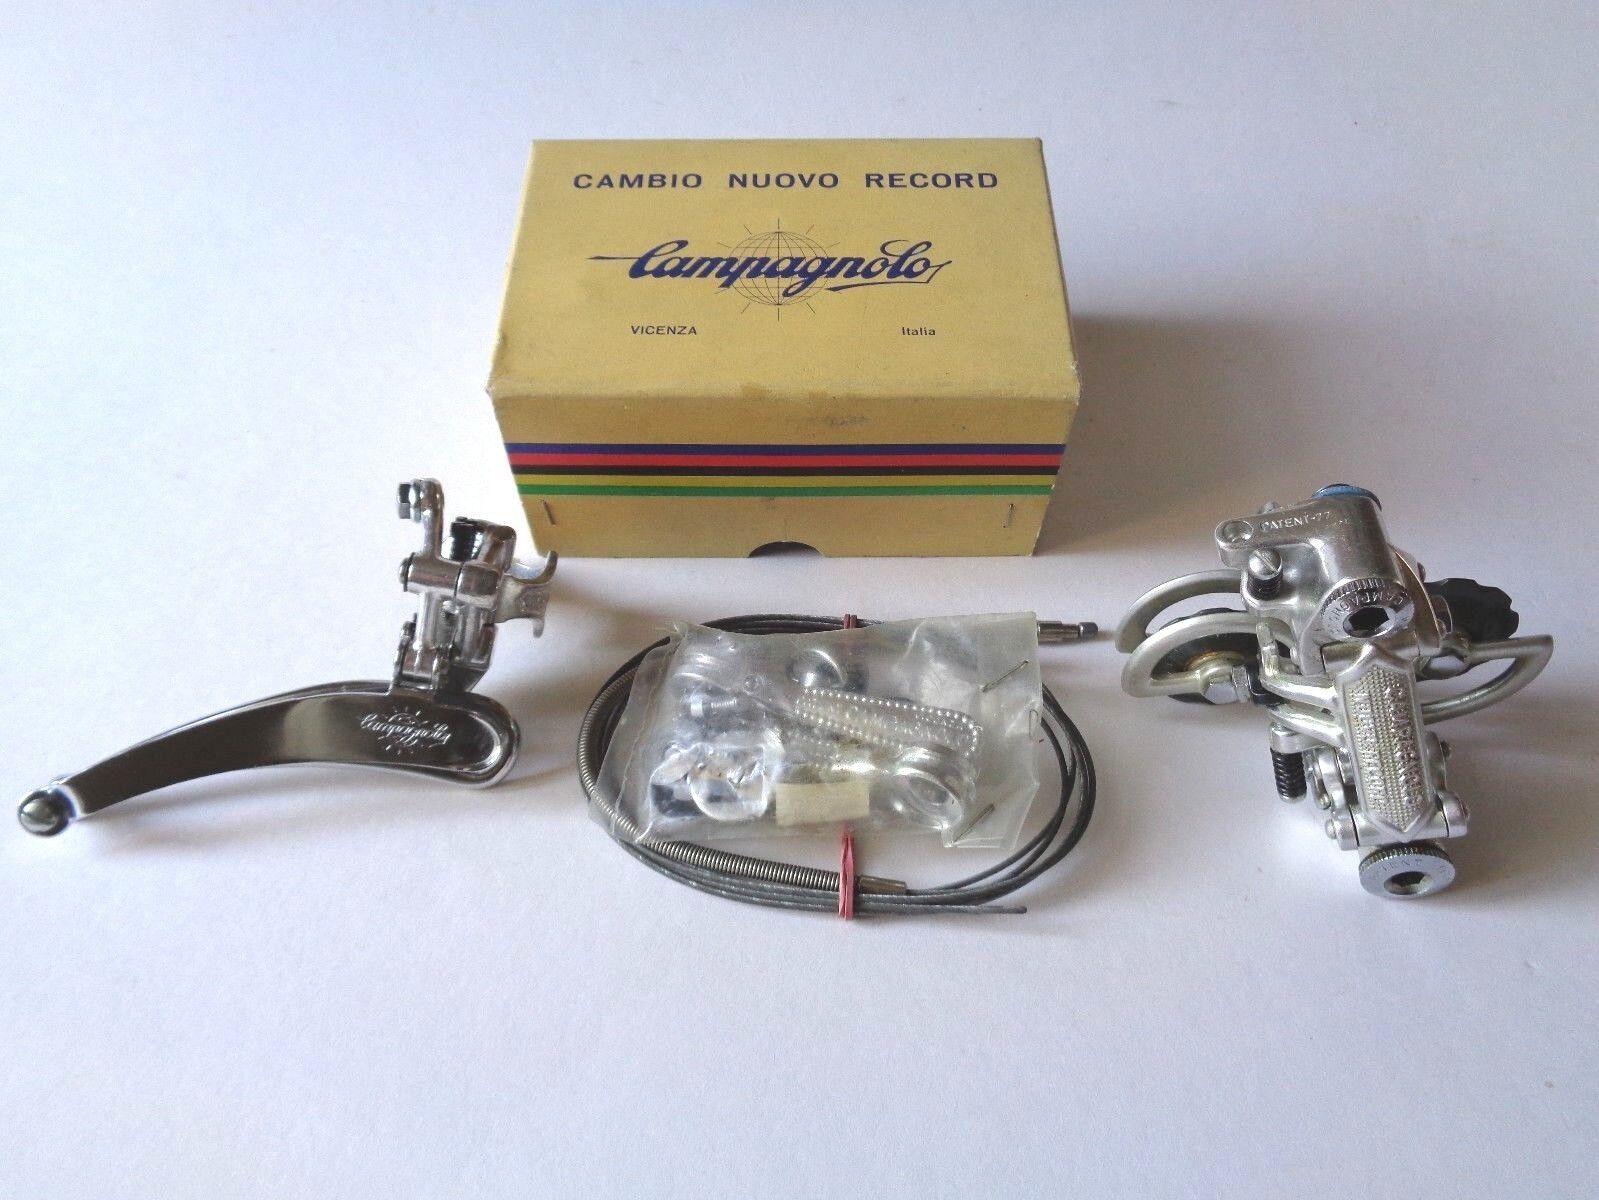 NOS Vintage 1970s Campagnolo Nuovo Record complete derailleur gear set